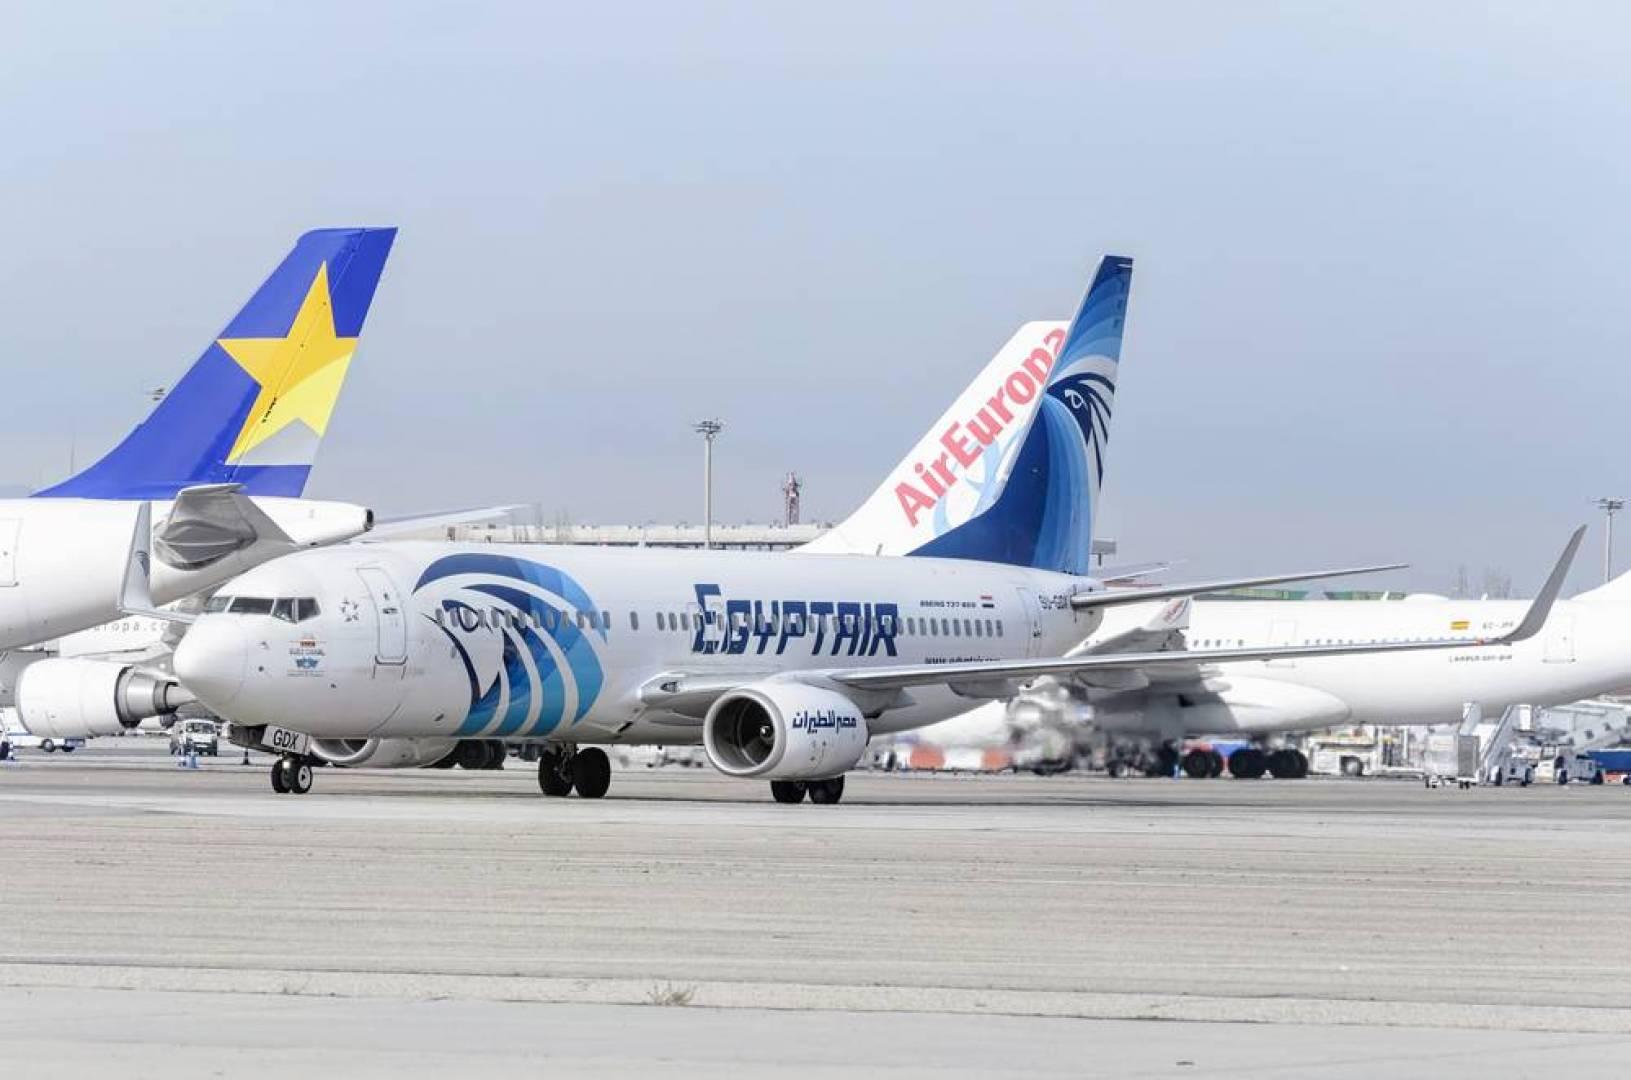 القنصلية المصرية لدى البلاد: 28 يوماً «عزلاً منزلياً» على كافة العائدين إلى مصر